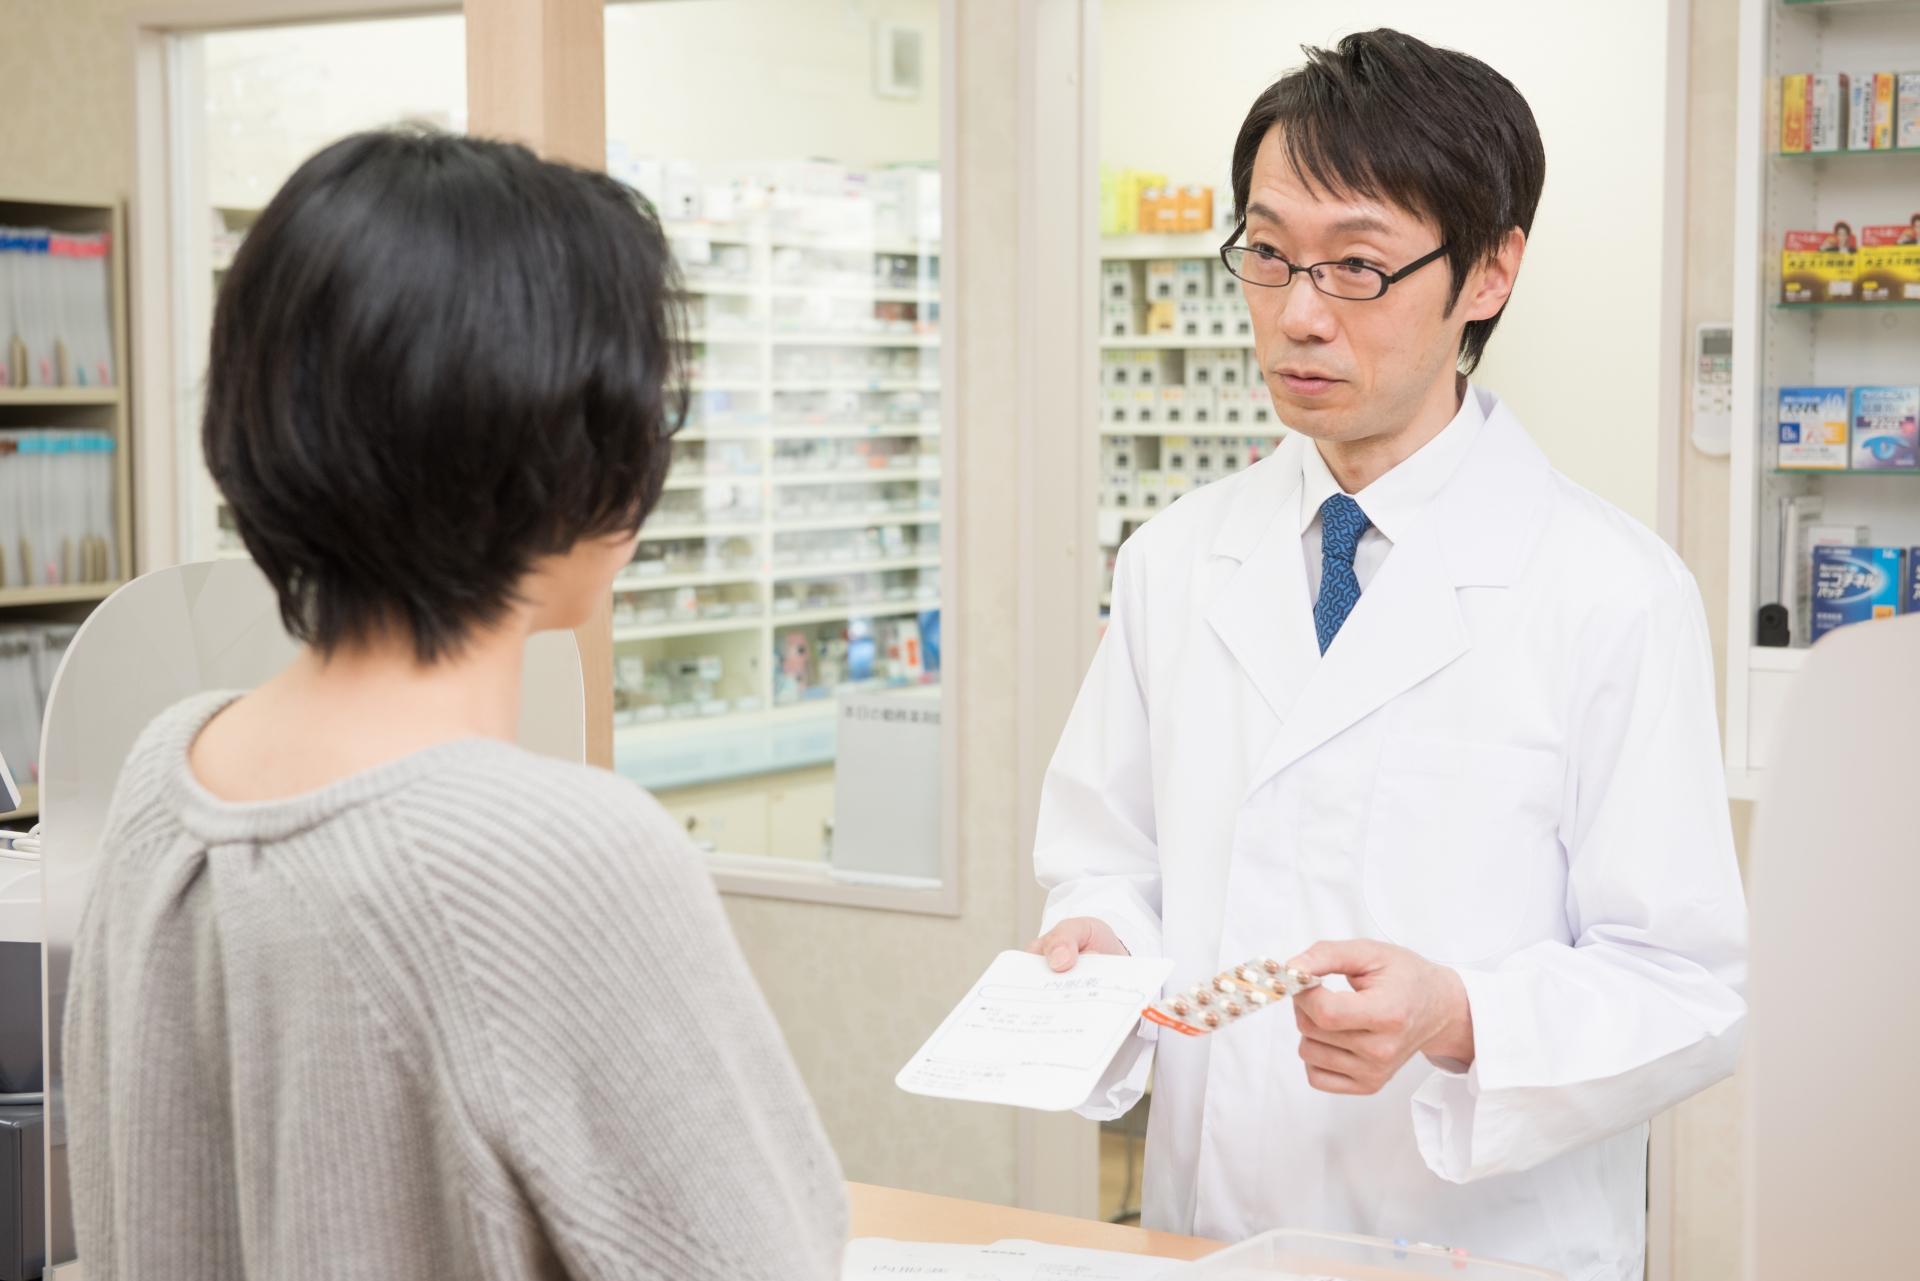 調剤薬局で処方箋を受け取る